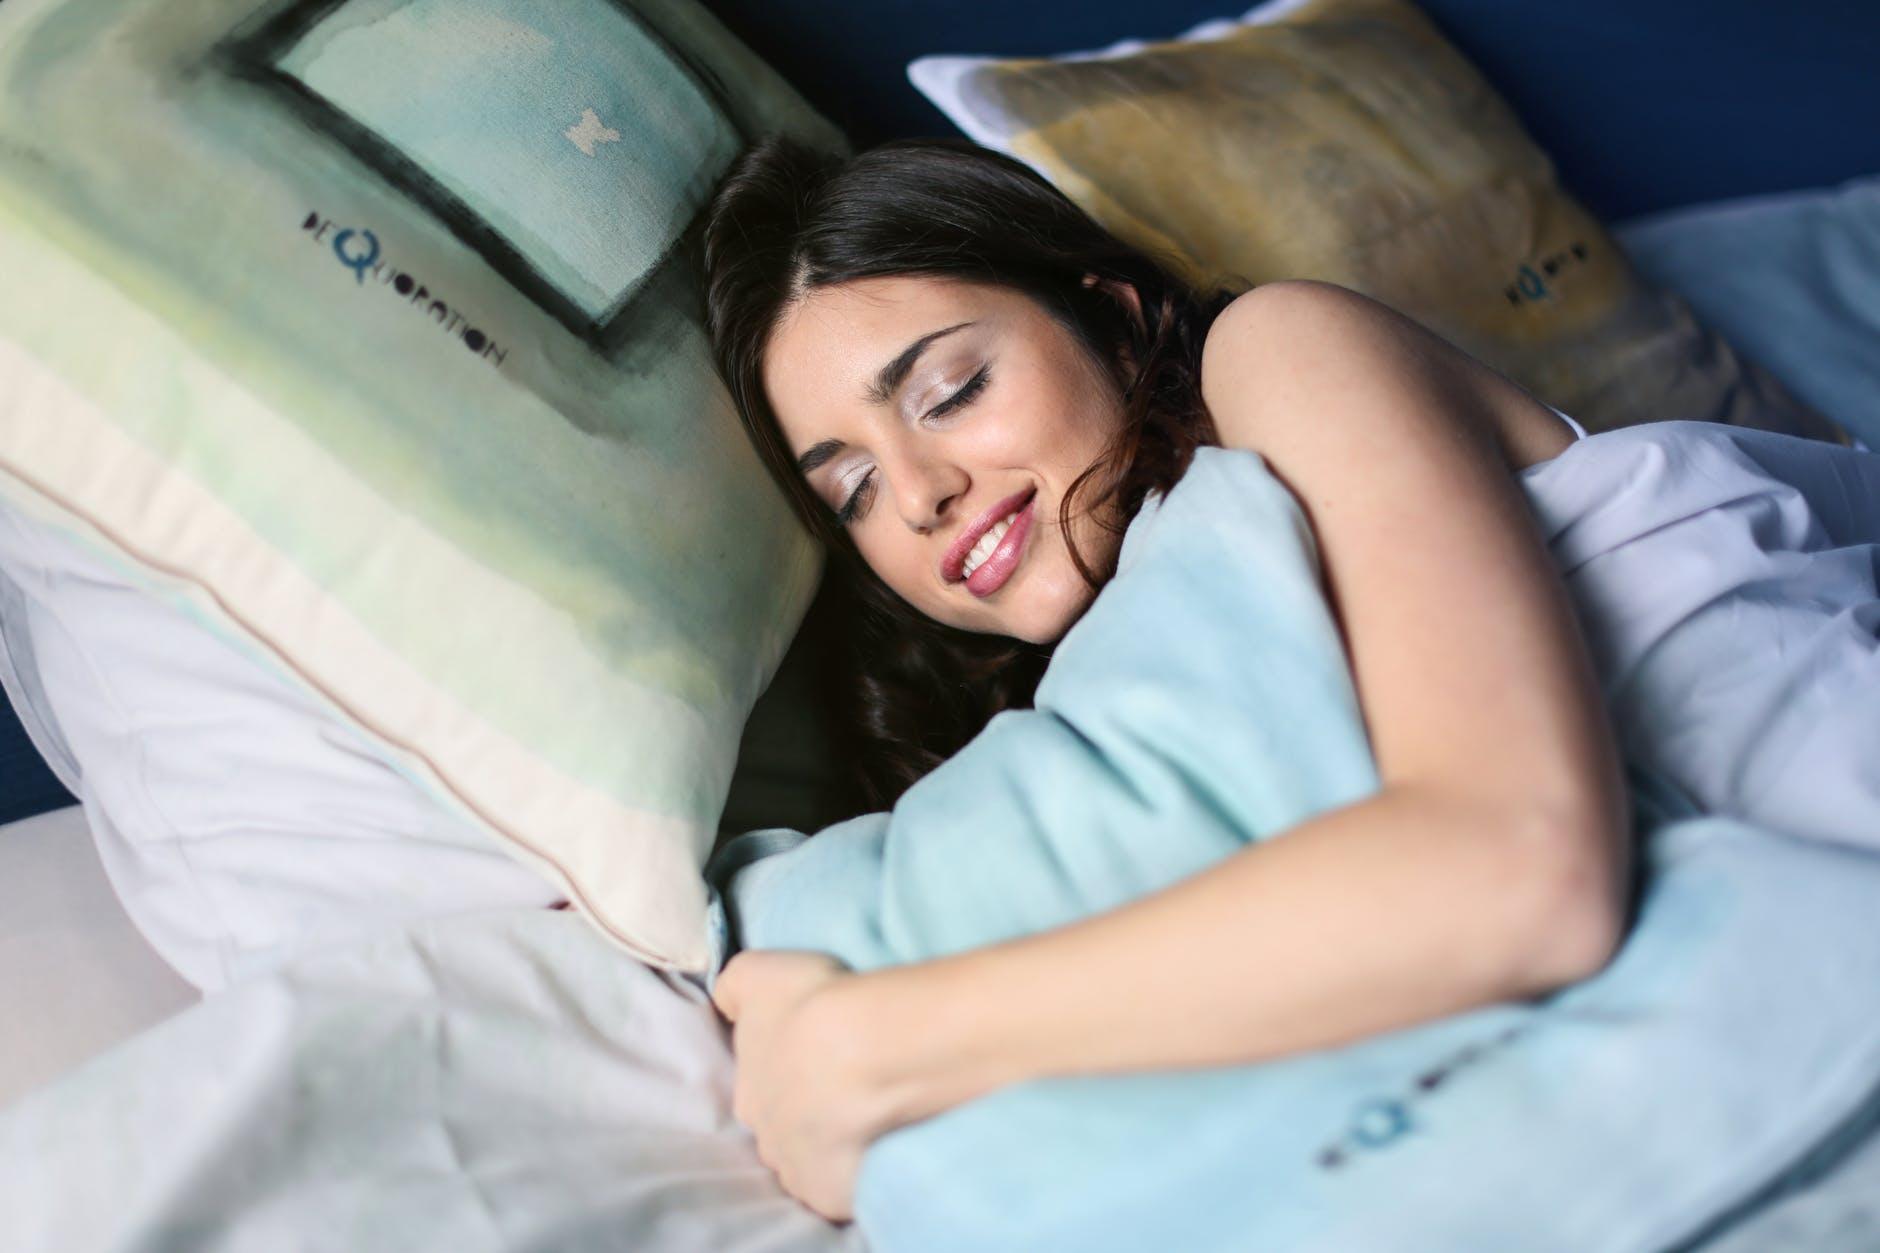 Tăng cường hệ miễn dịch-Cô gái đang ngủ.